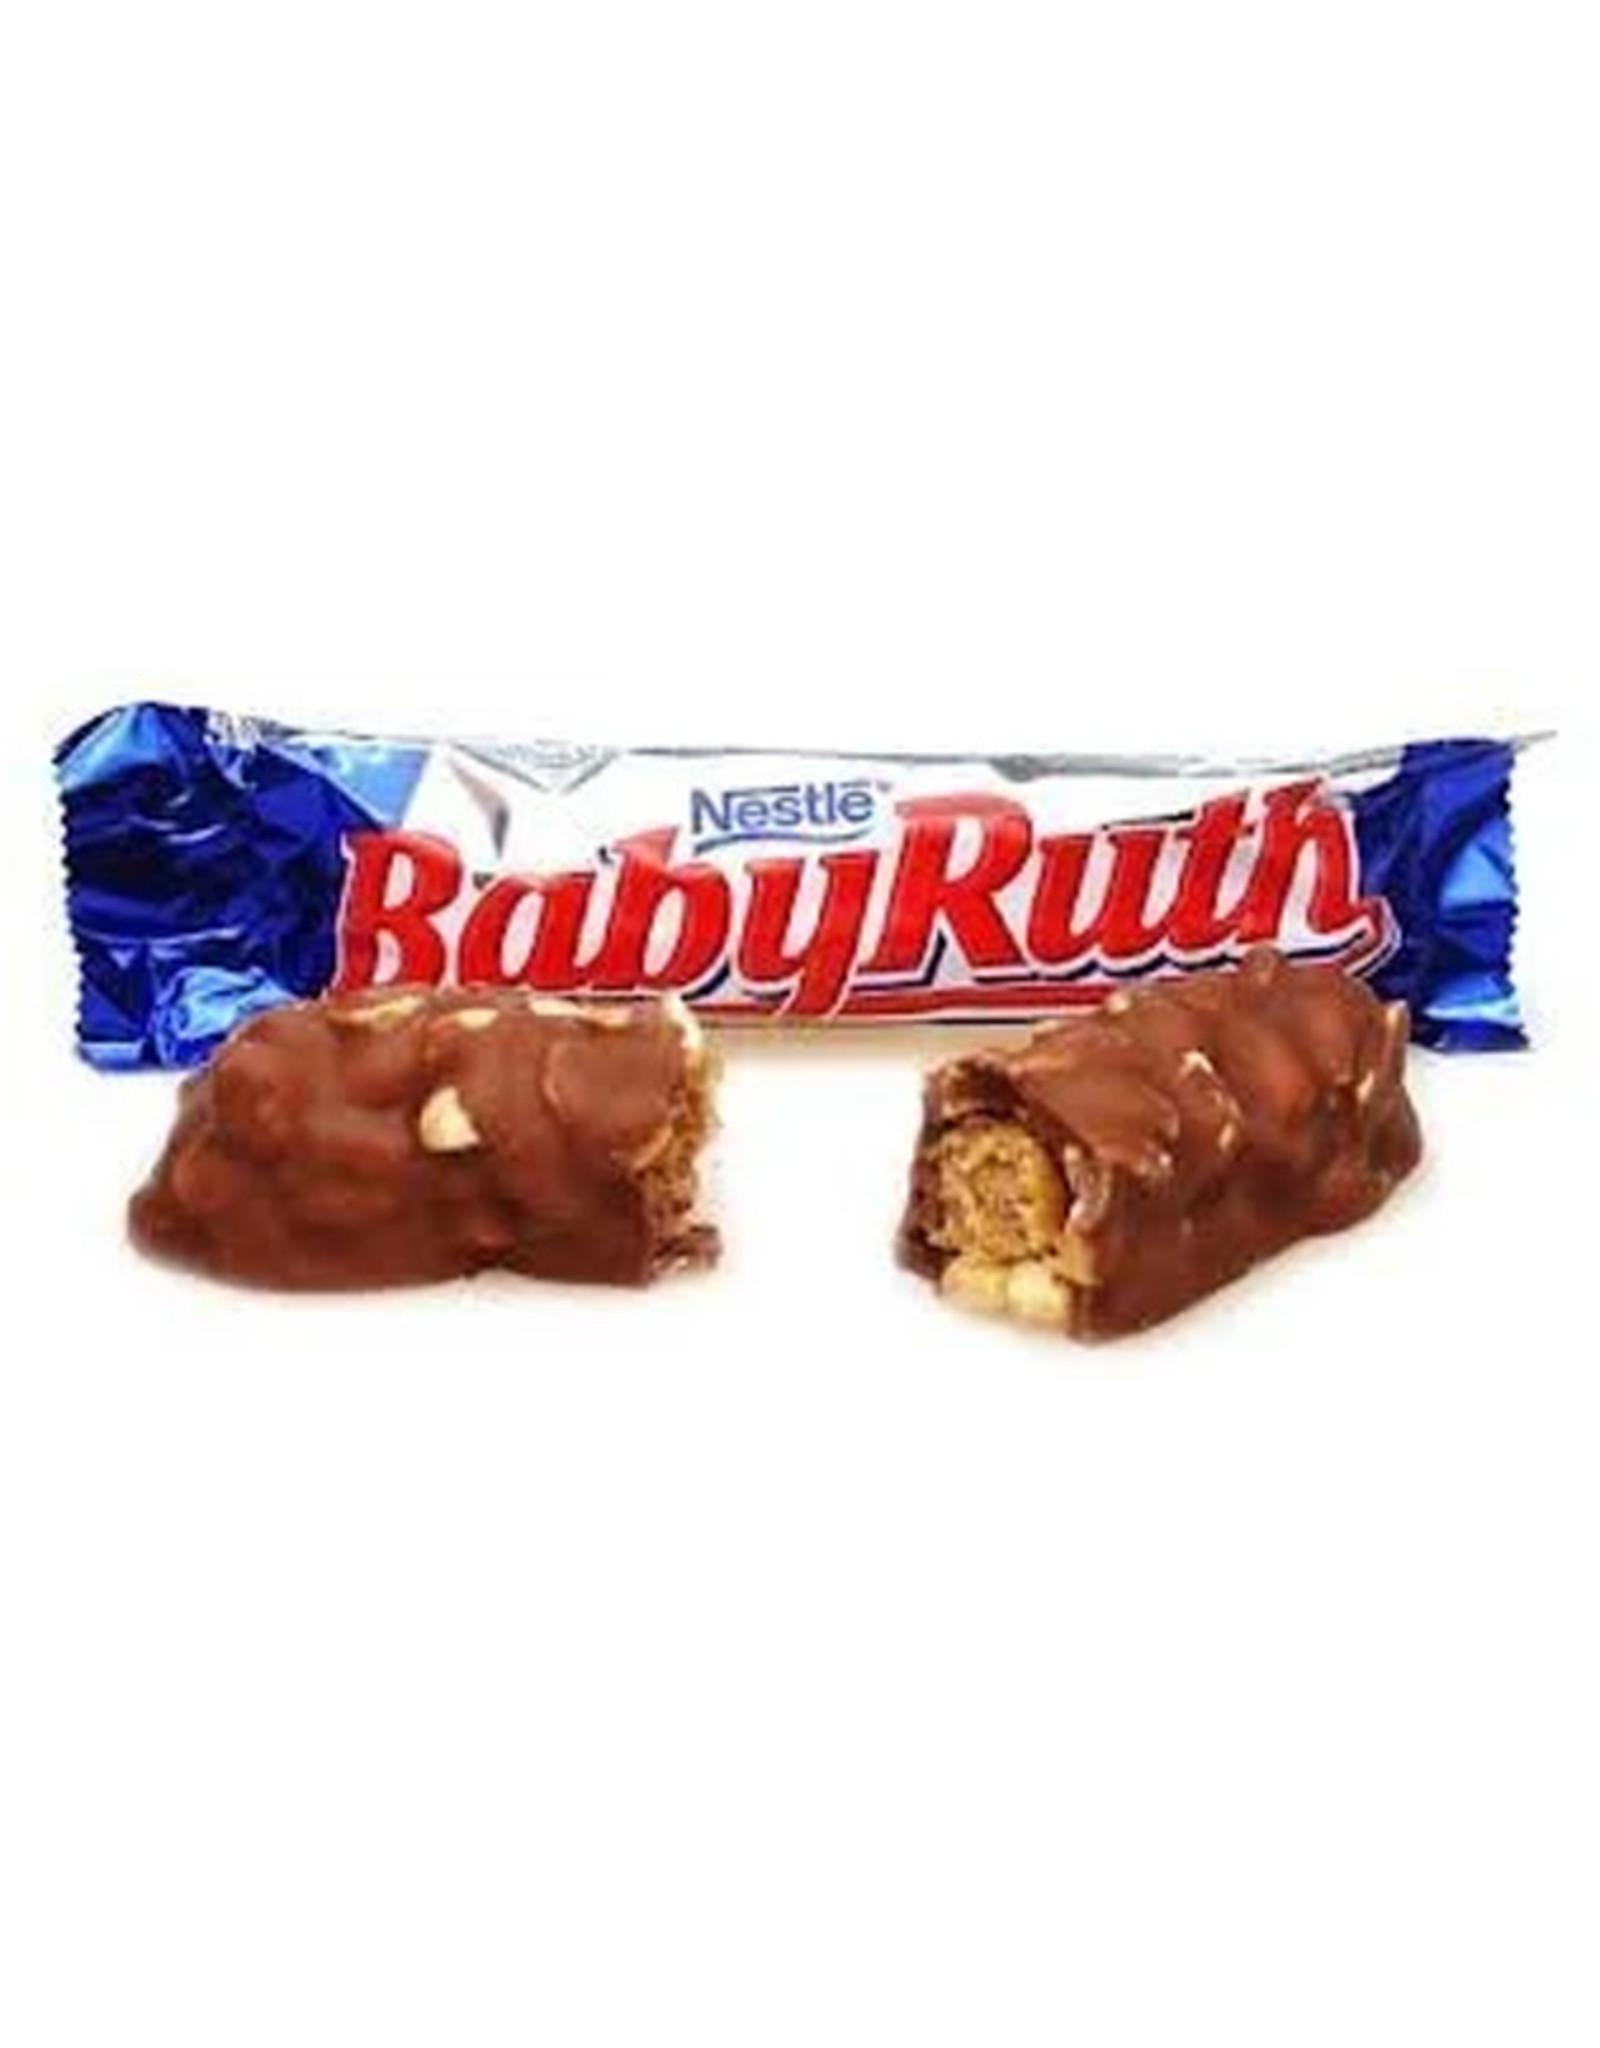 Baby Ruth Bar - 53,8g